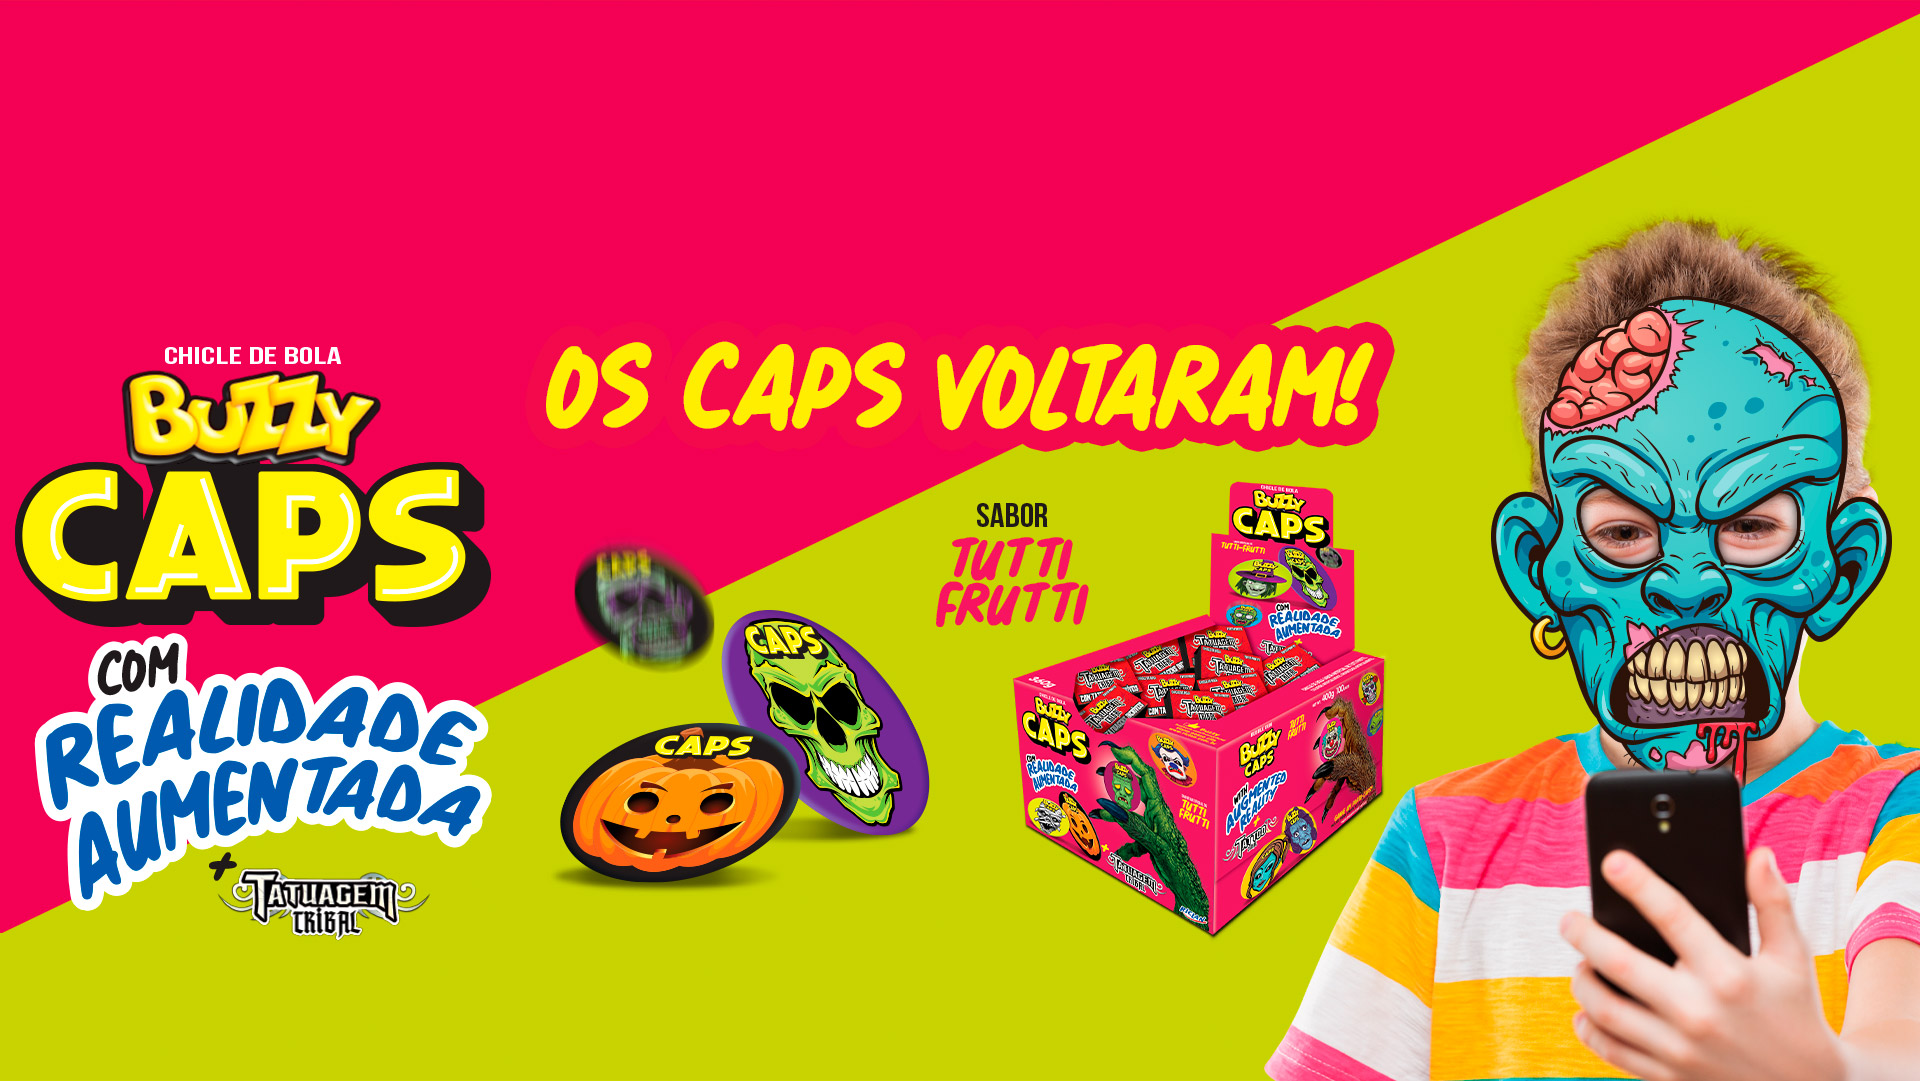 Buzzy Caps